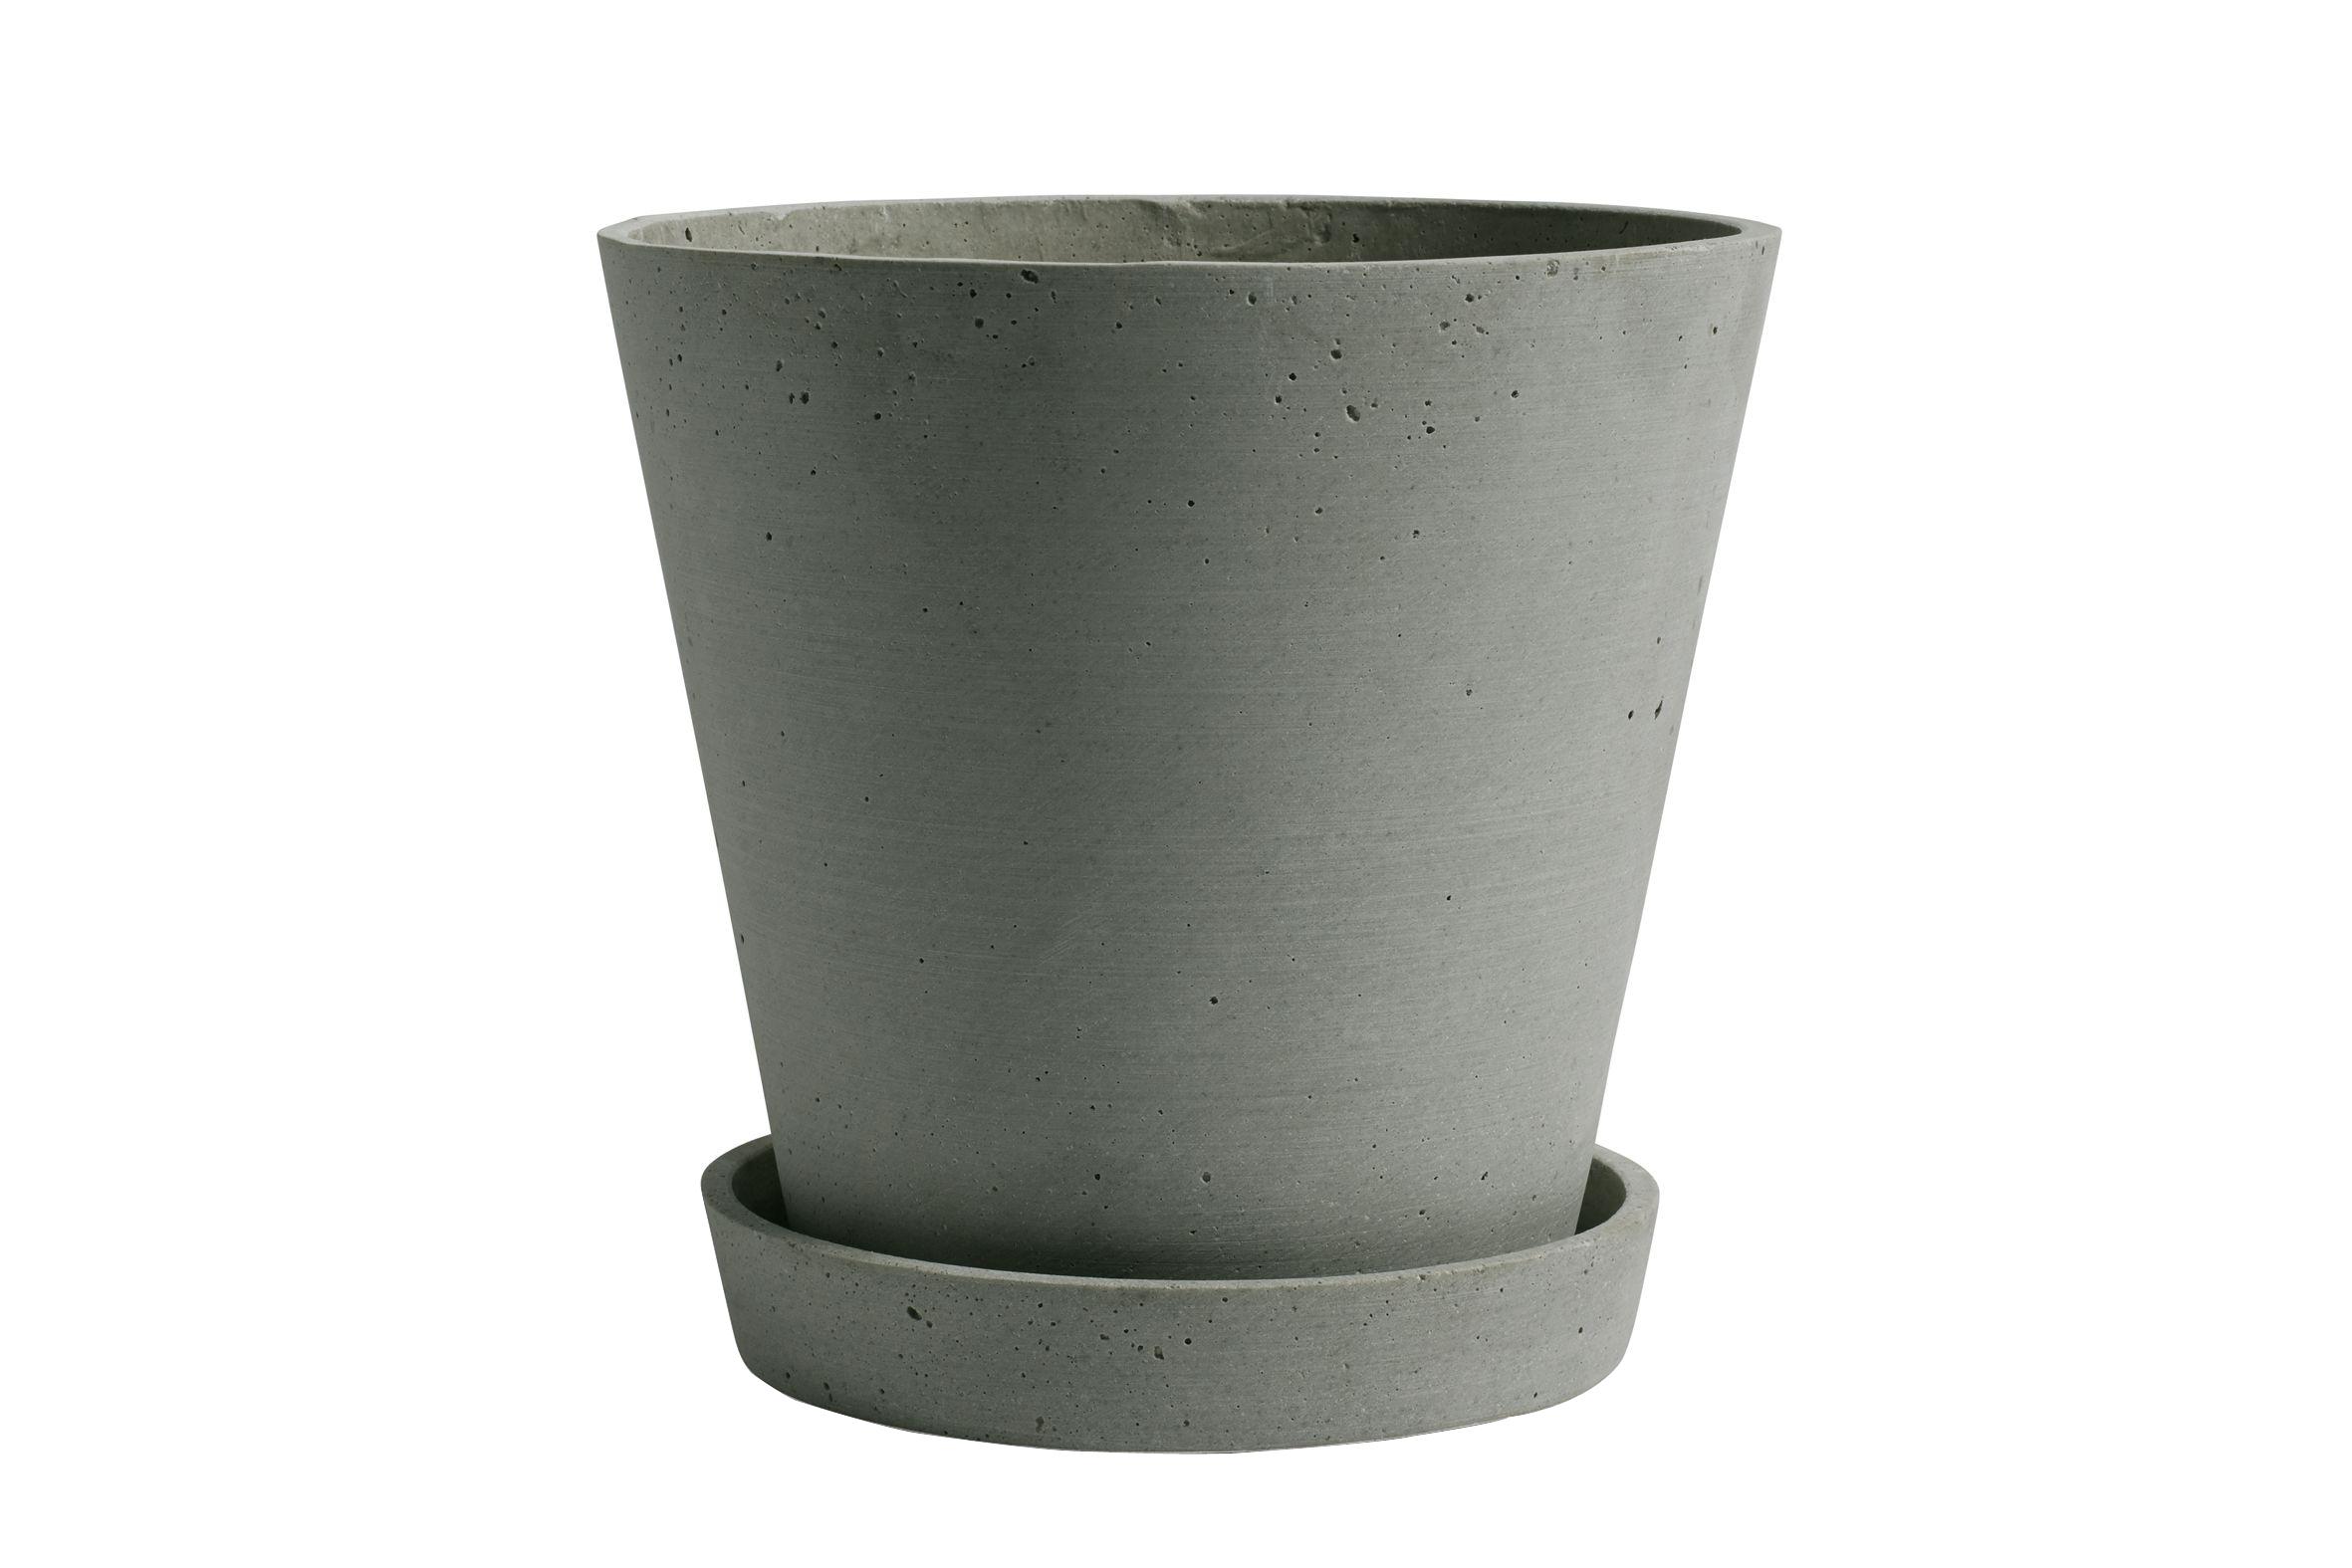 HAY - Flowerpot w/saucer XL - Green